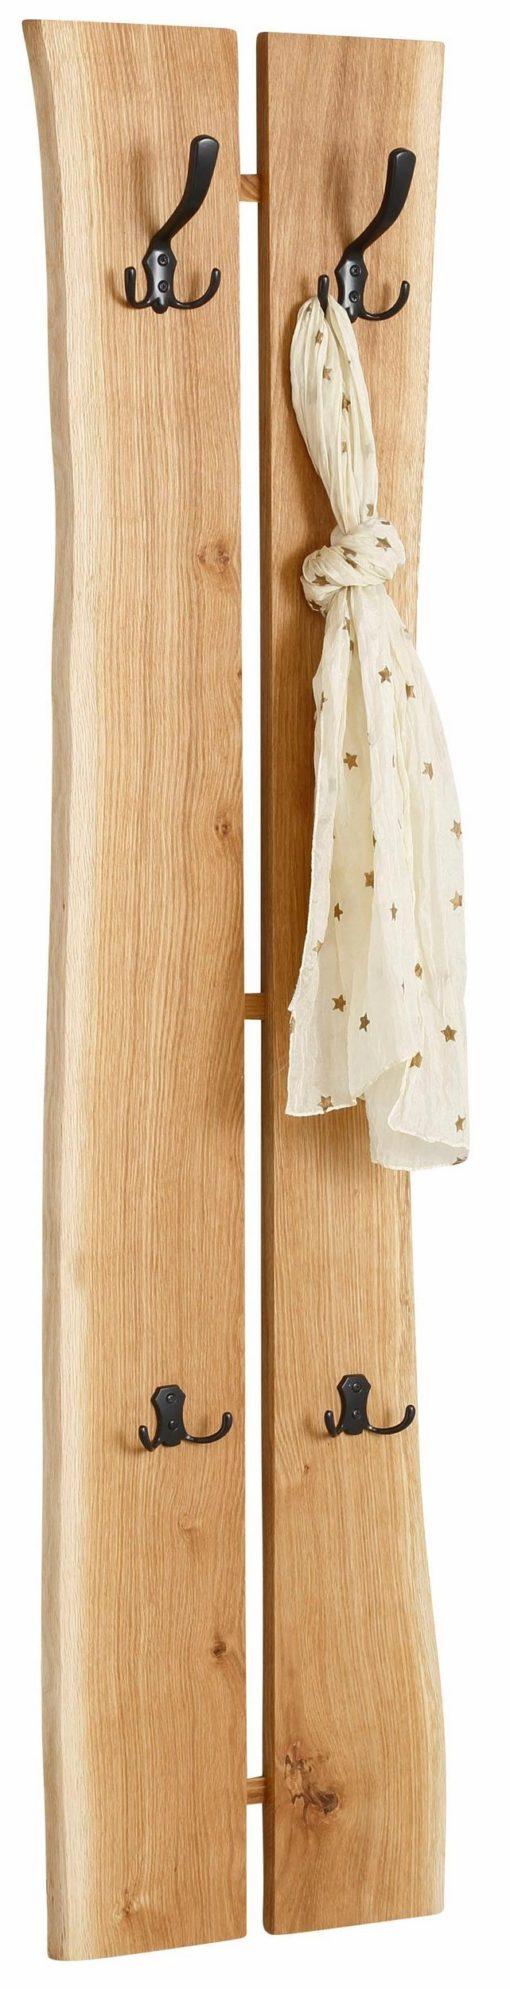 Stylowy, drewniany panel/wieszak na ubrania